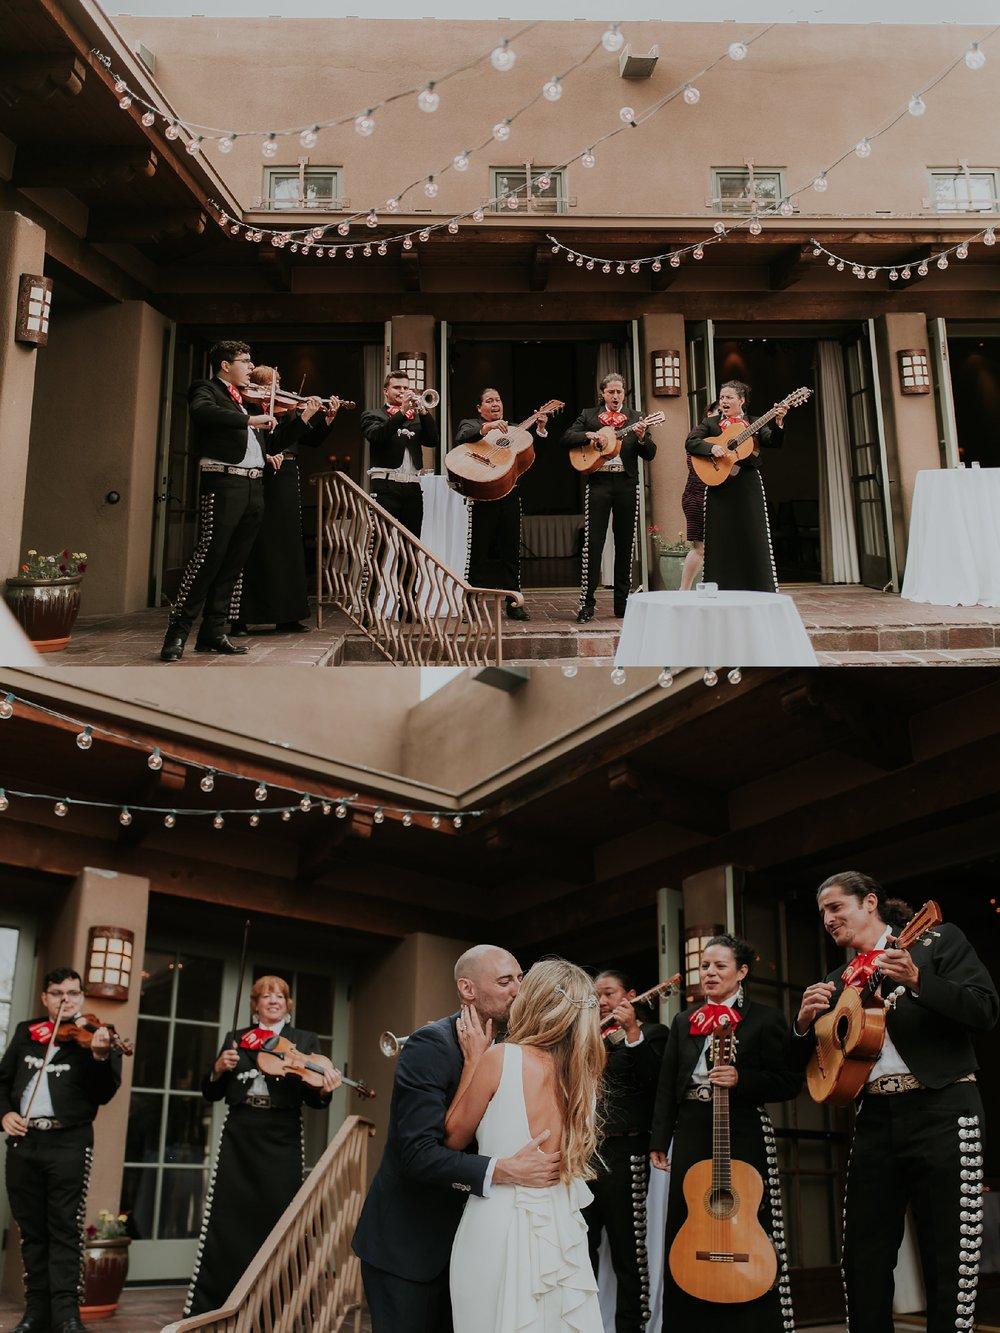 Alicia+lucia+photography+-+albuquerque+wedding+photographer+-+santa+fe+wedding+photography+-+new+mexico+wedding+photographer+-+new+mexico+wedding+-+santa+fe+wedding+-+albuquerque+wedding+-+southwest+wedding+traditions_0068.jpg